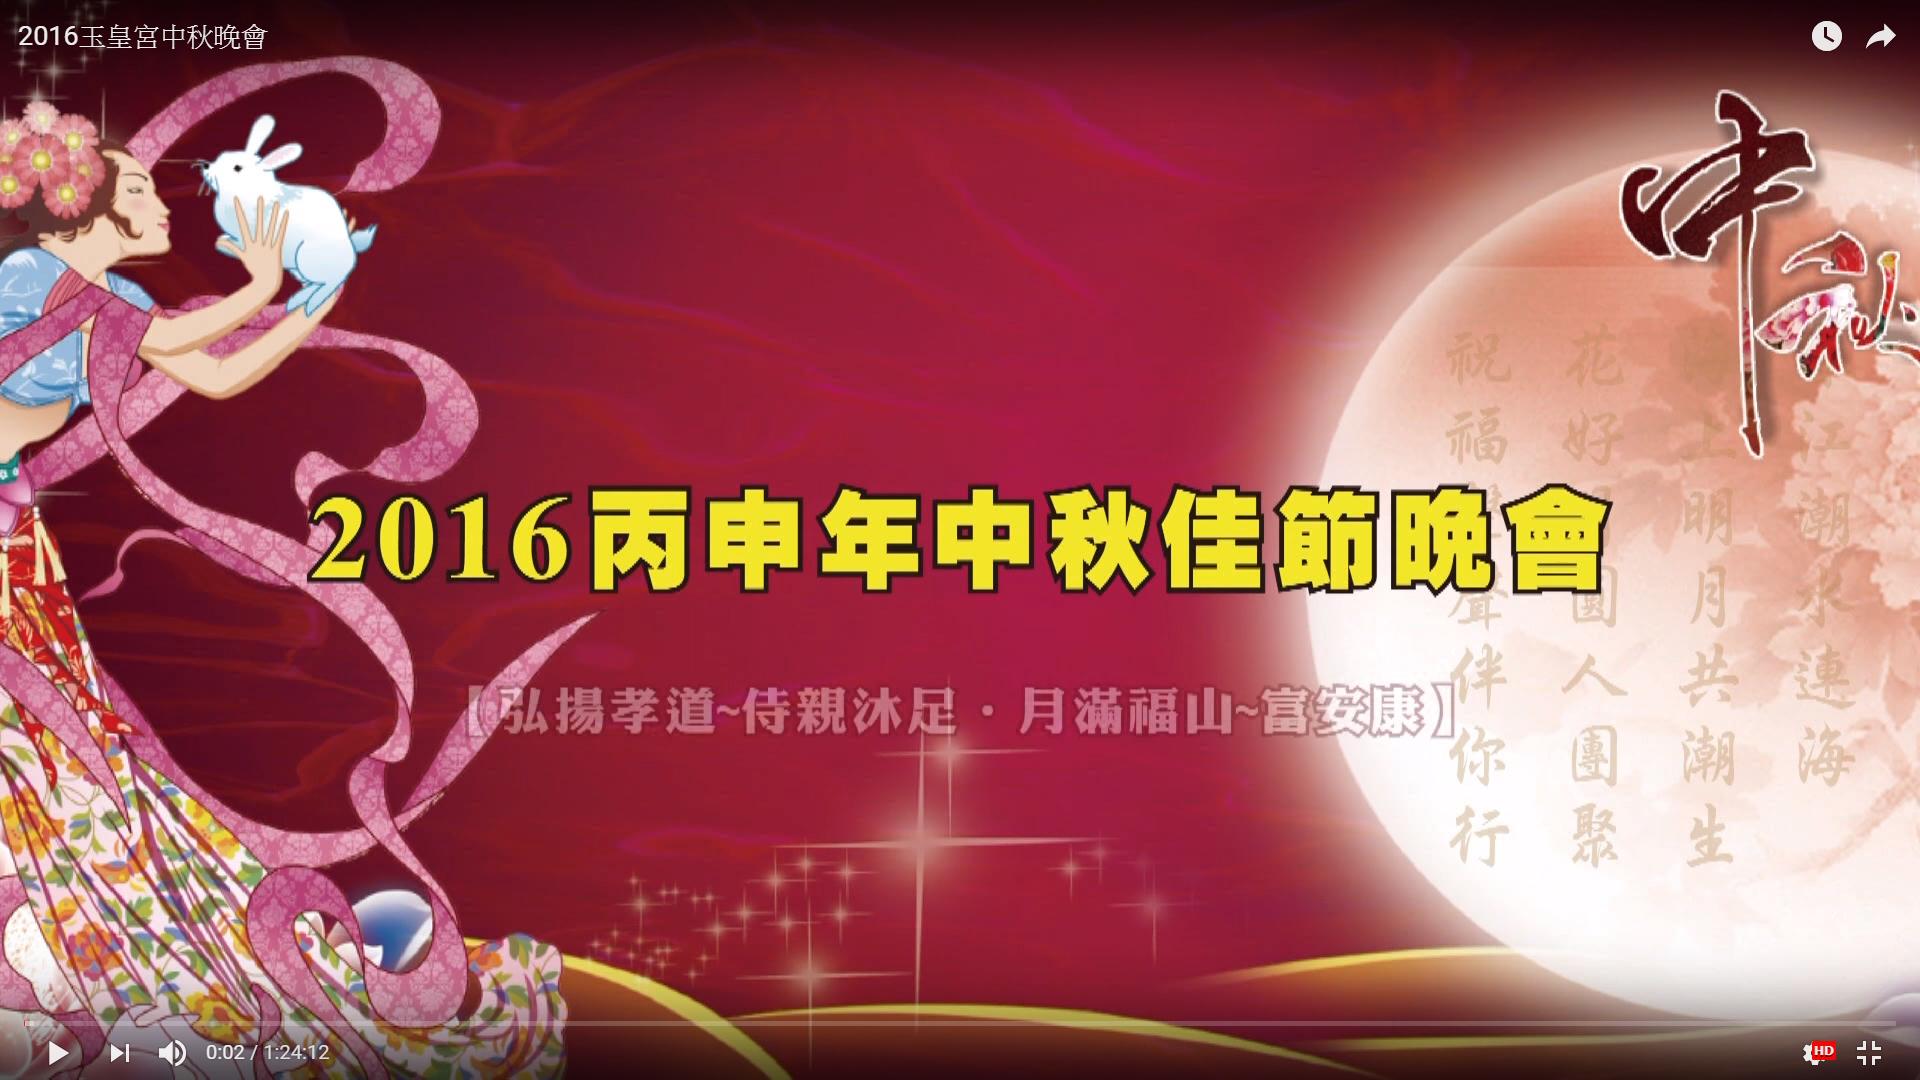 2016玉皇宮中秋晚會